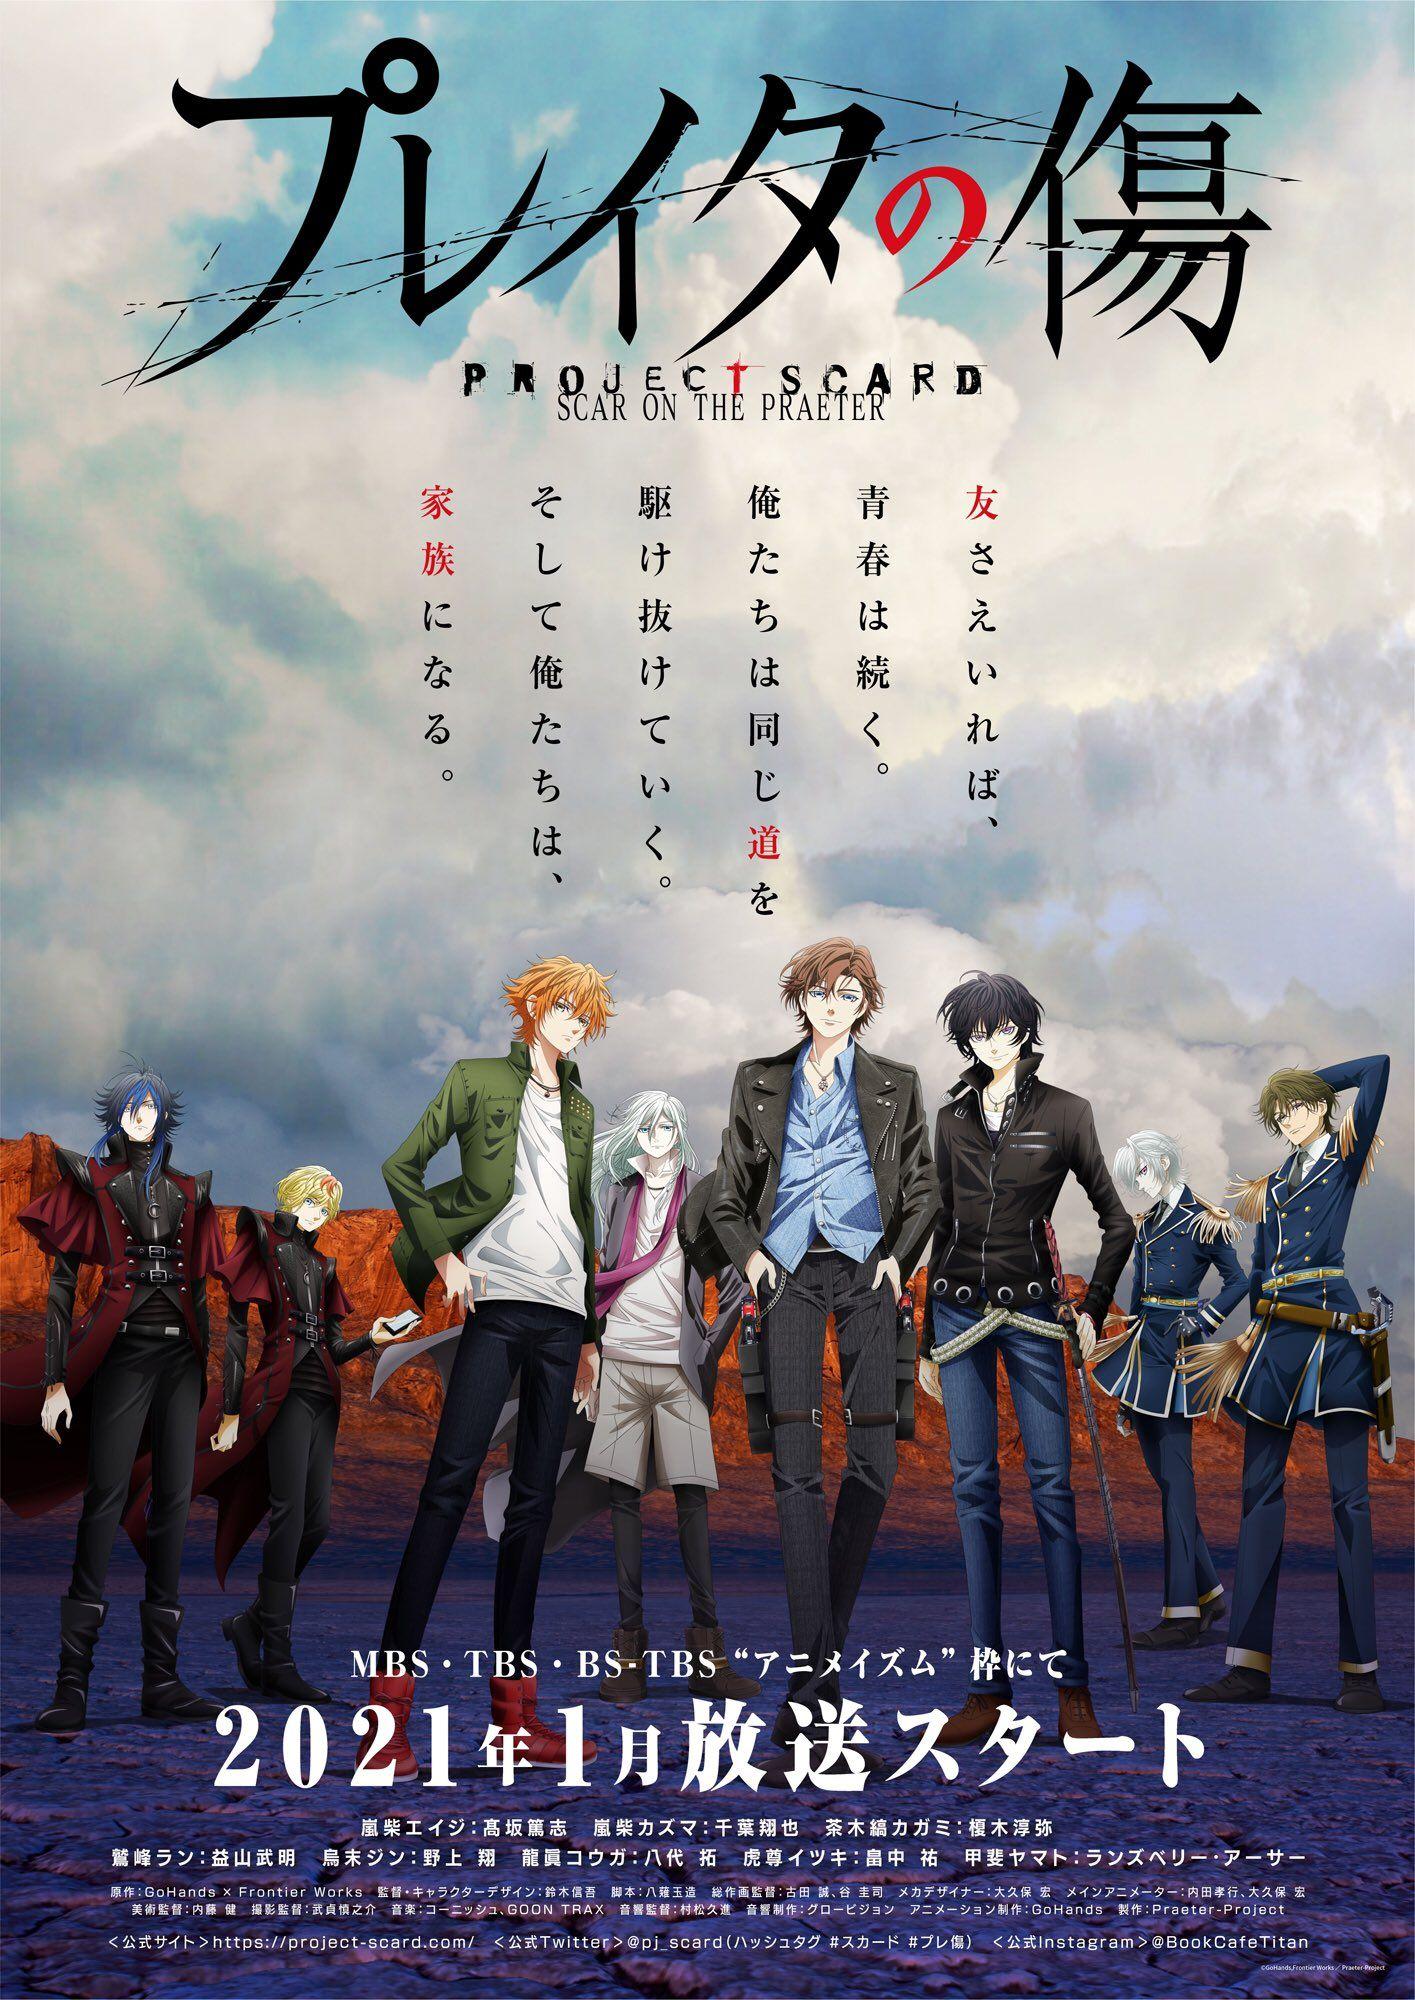 il franchise multimediale project scard diventa un anime akatsuki chibi hetalia